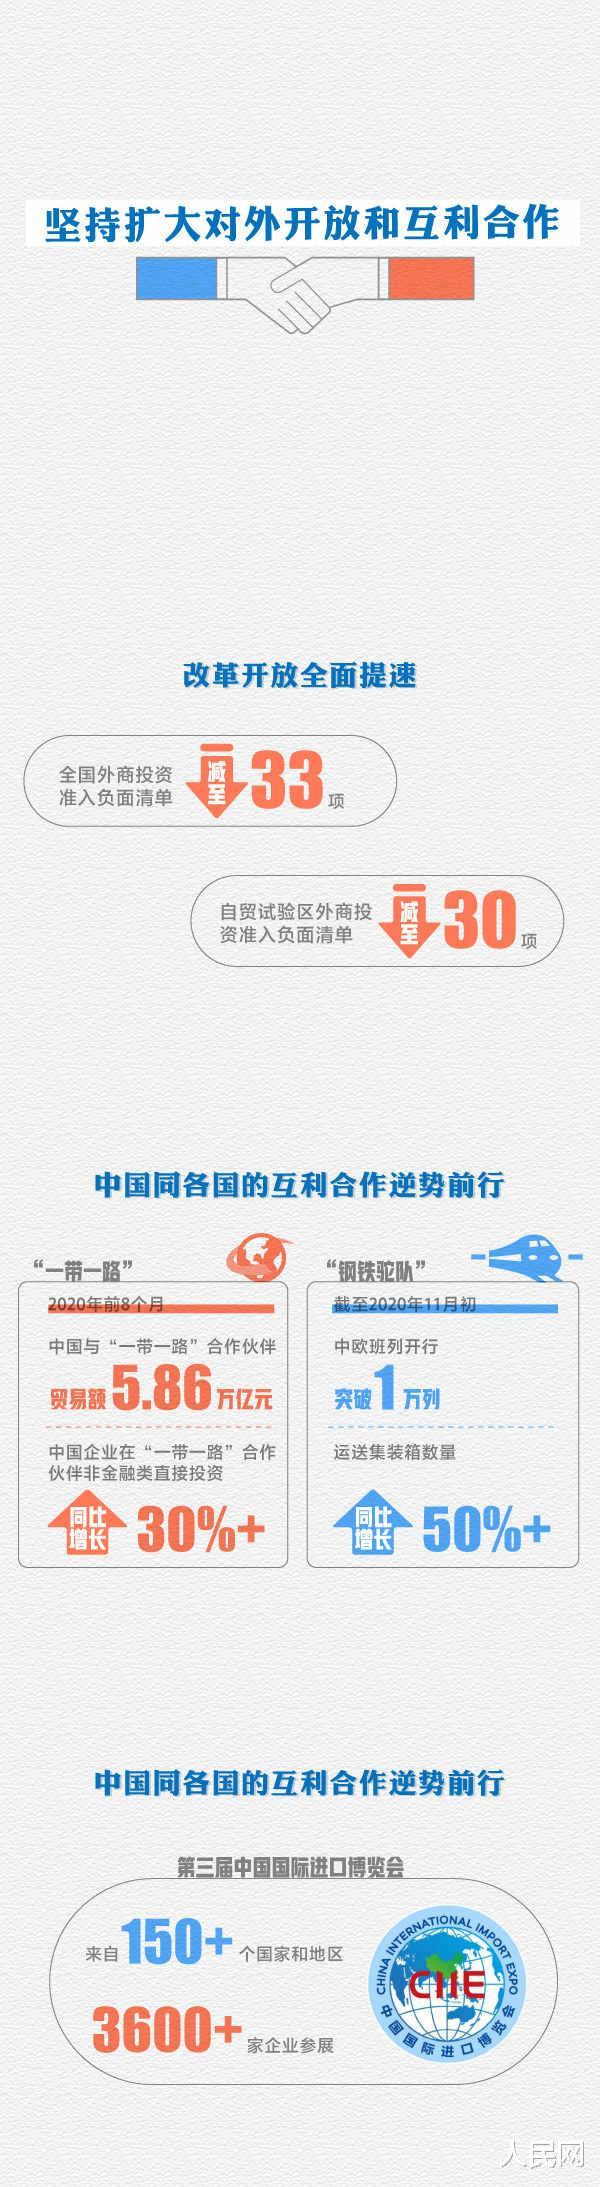 2020年中國外交乘風破浪堅毅前行-圖4